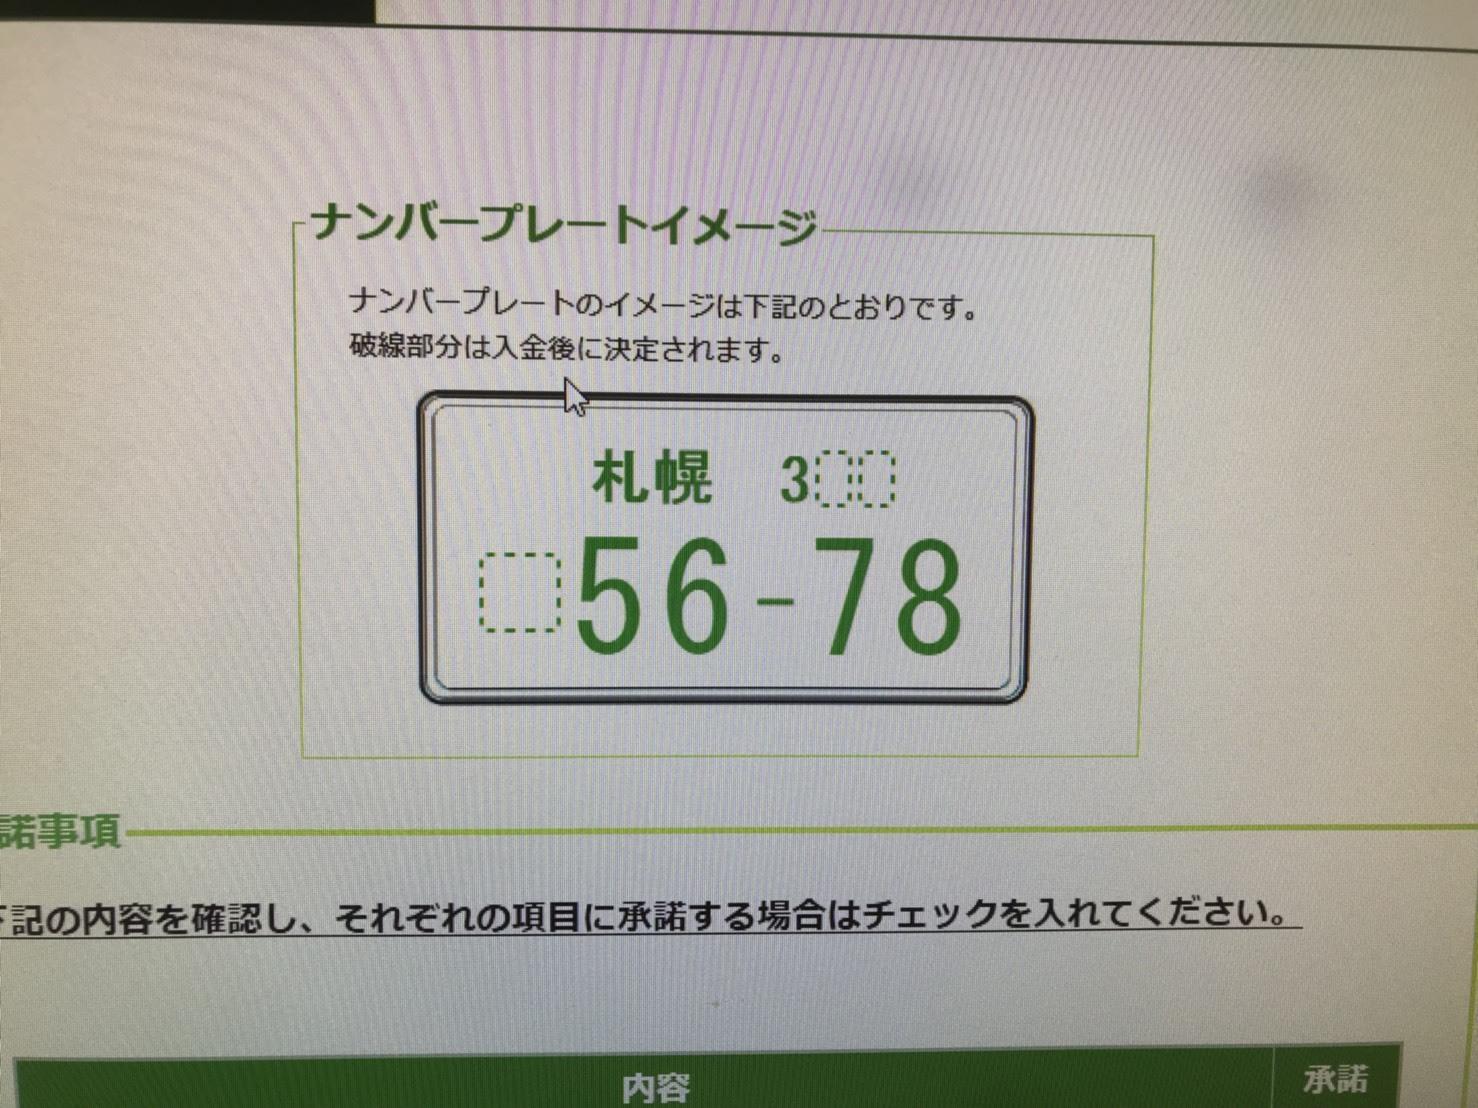 b0127002_19514343.jpg